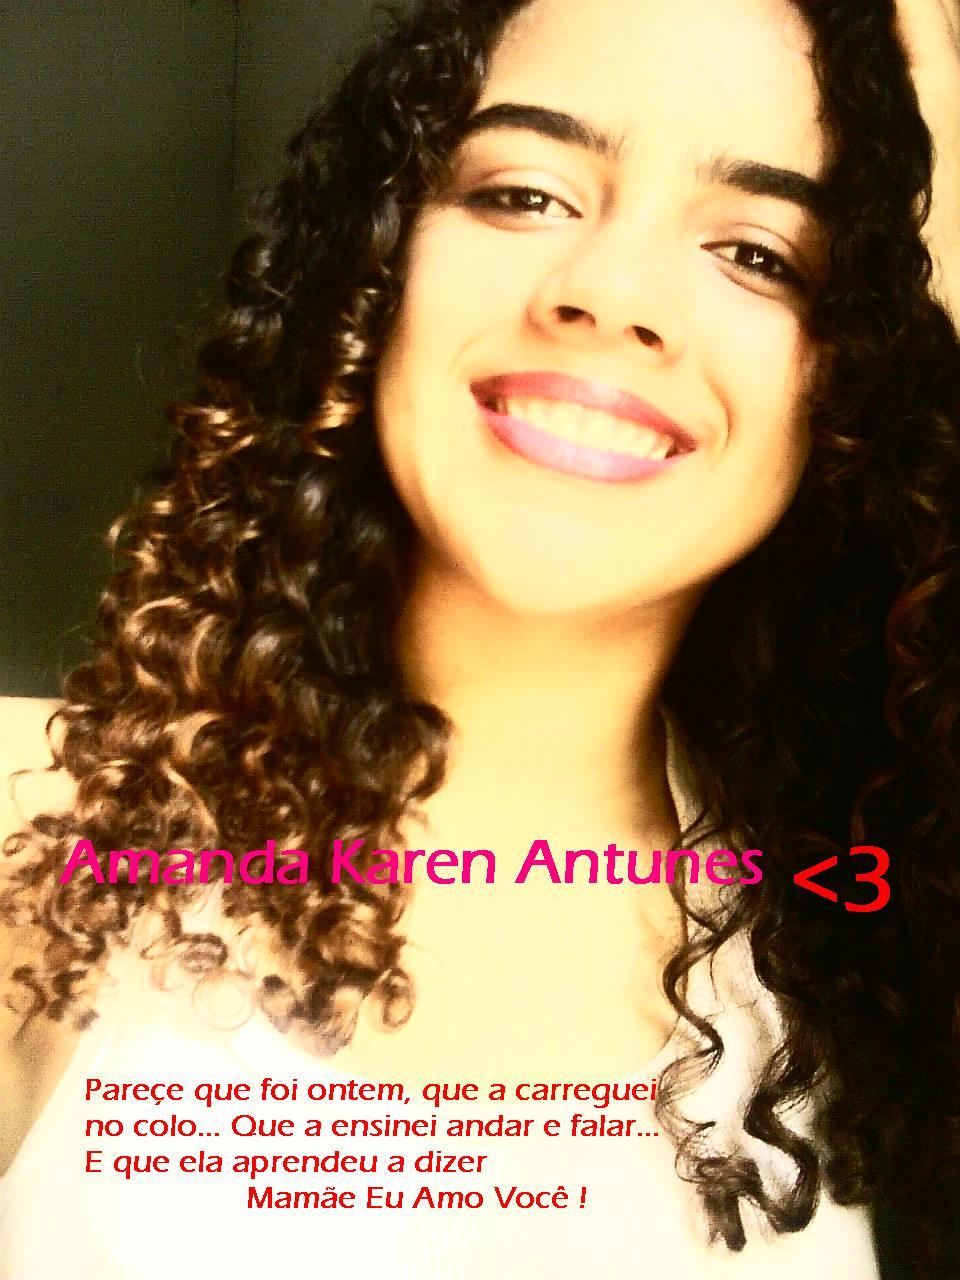 Amanda Karen Antunes